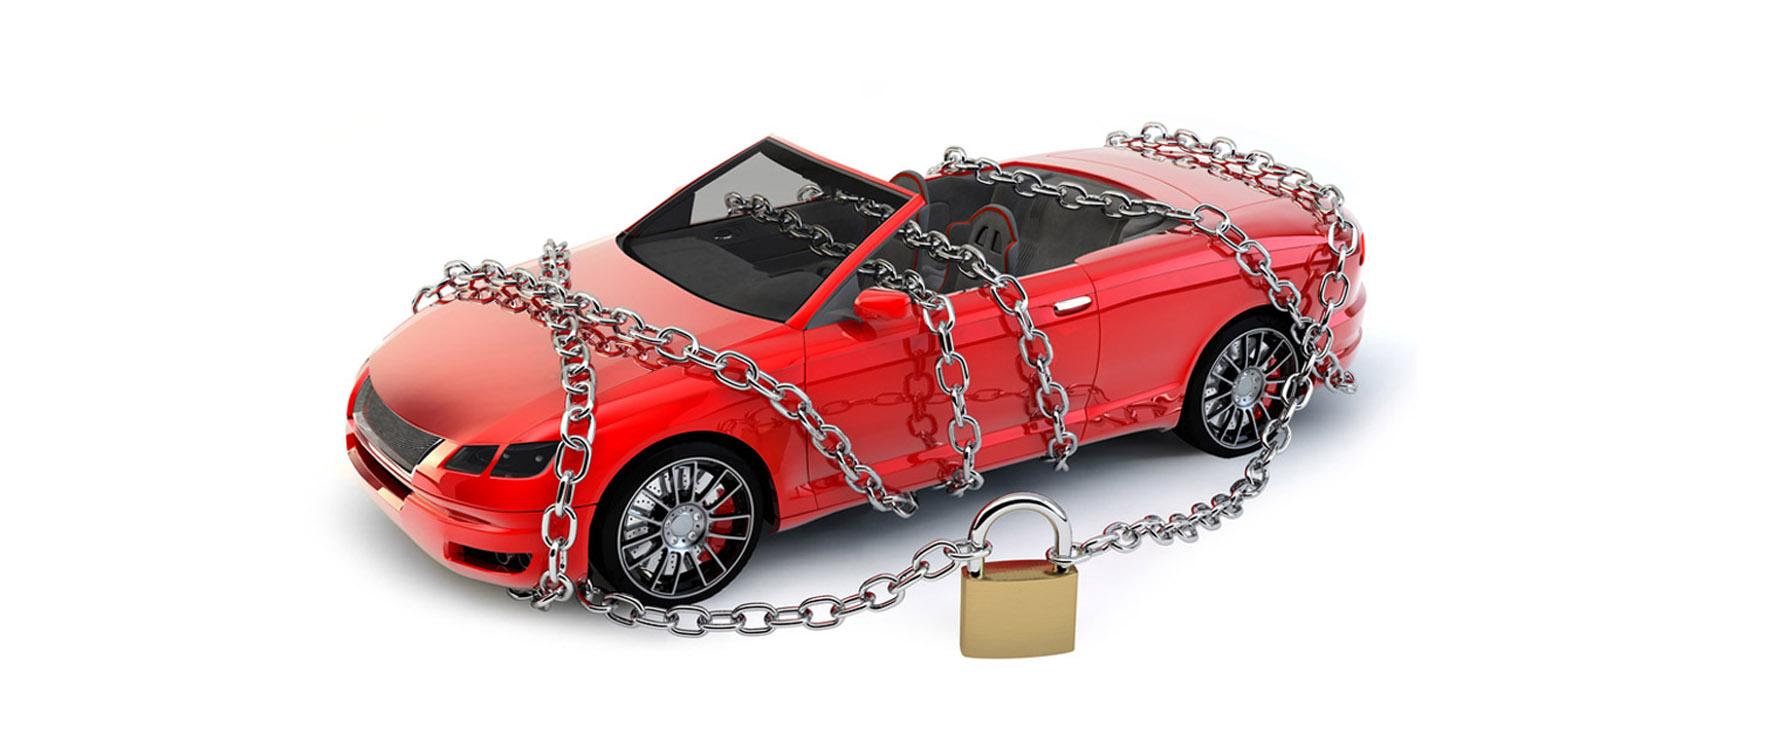 Купил авто a он в залоге выдачи денег под залог